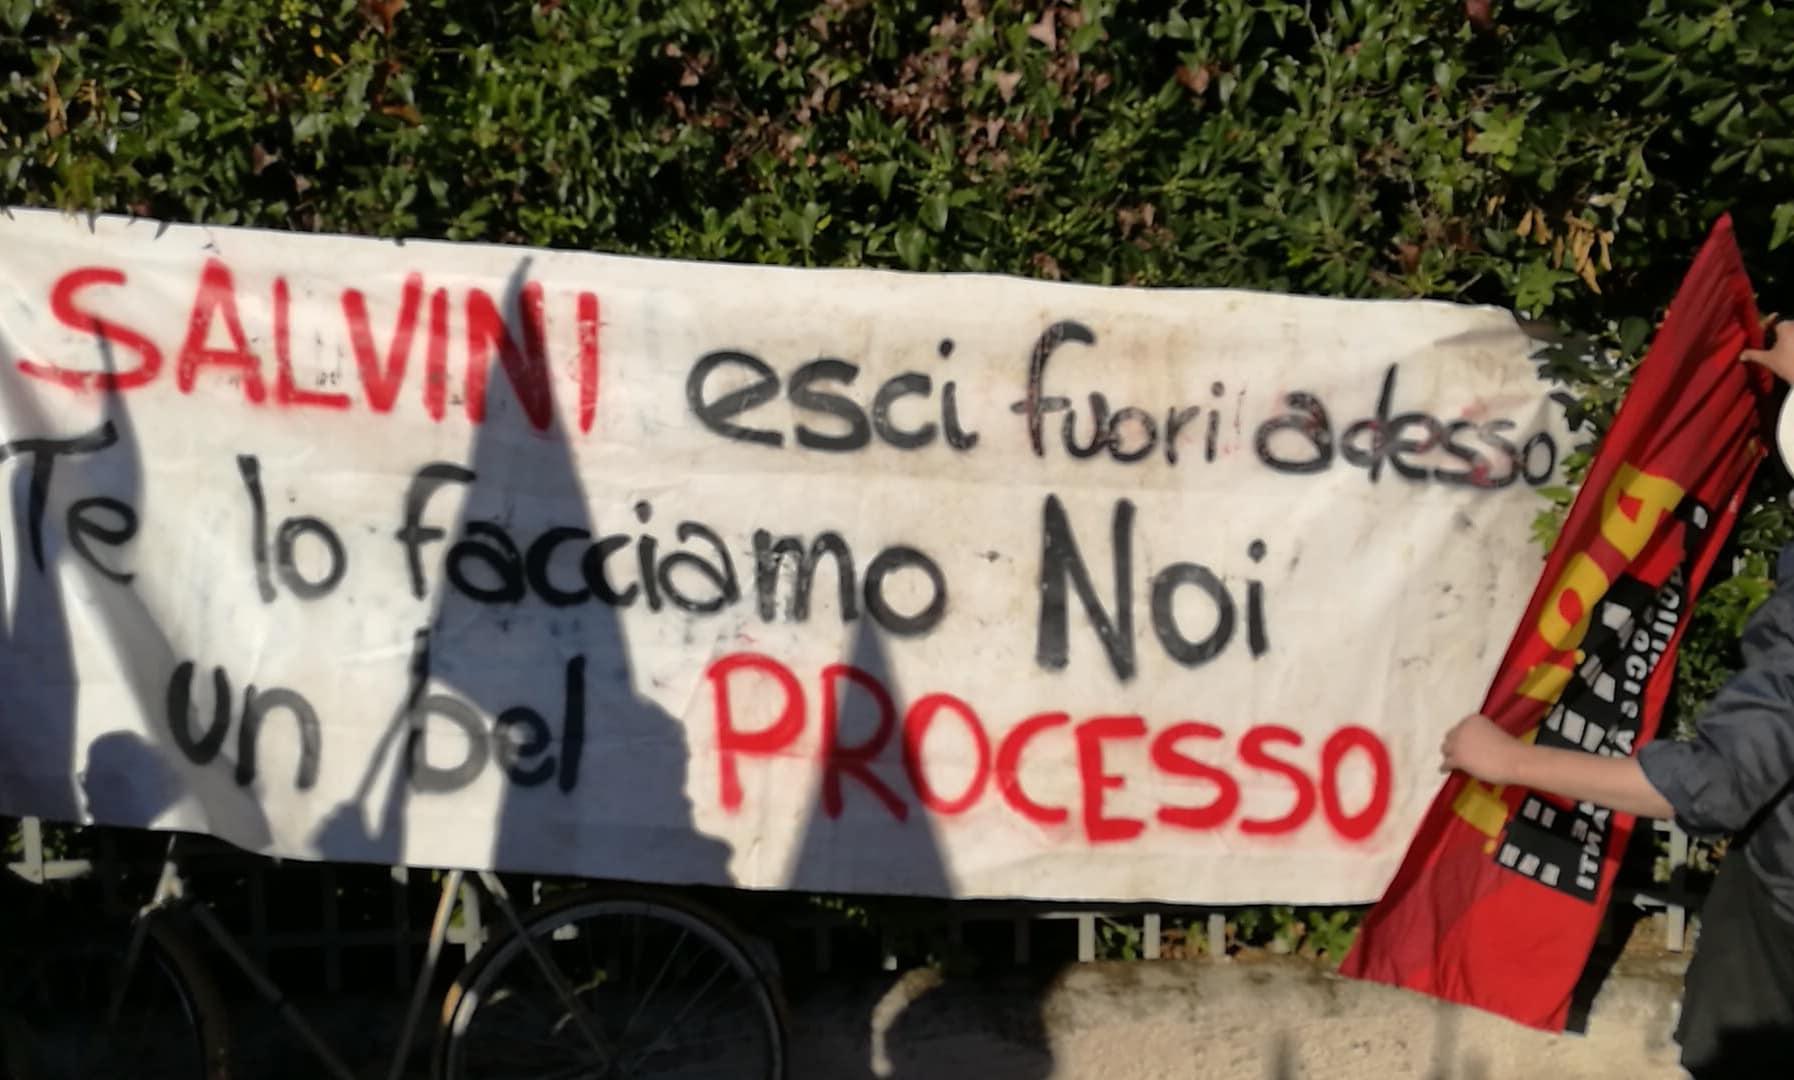 """""""Salvini esci fuori adesso, te lo facciamo noi un bel processo"""", la contestazione alla Versiliana"""